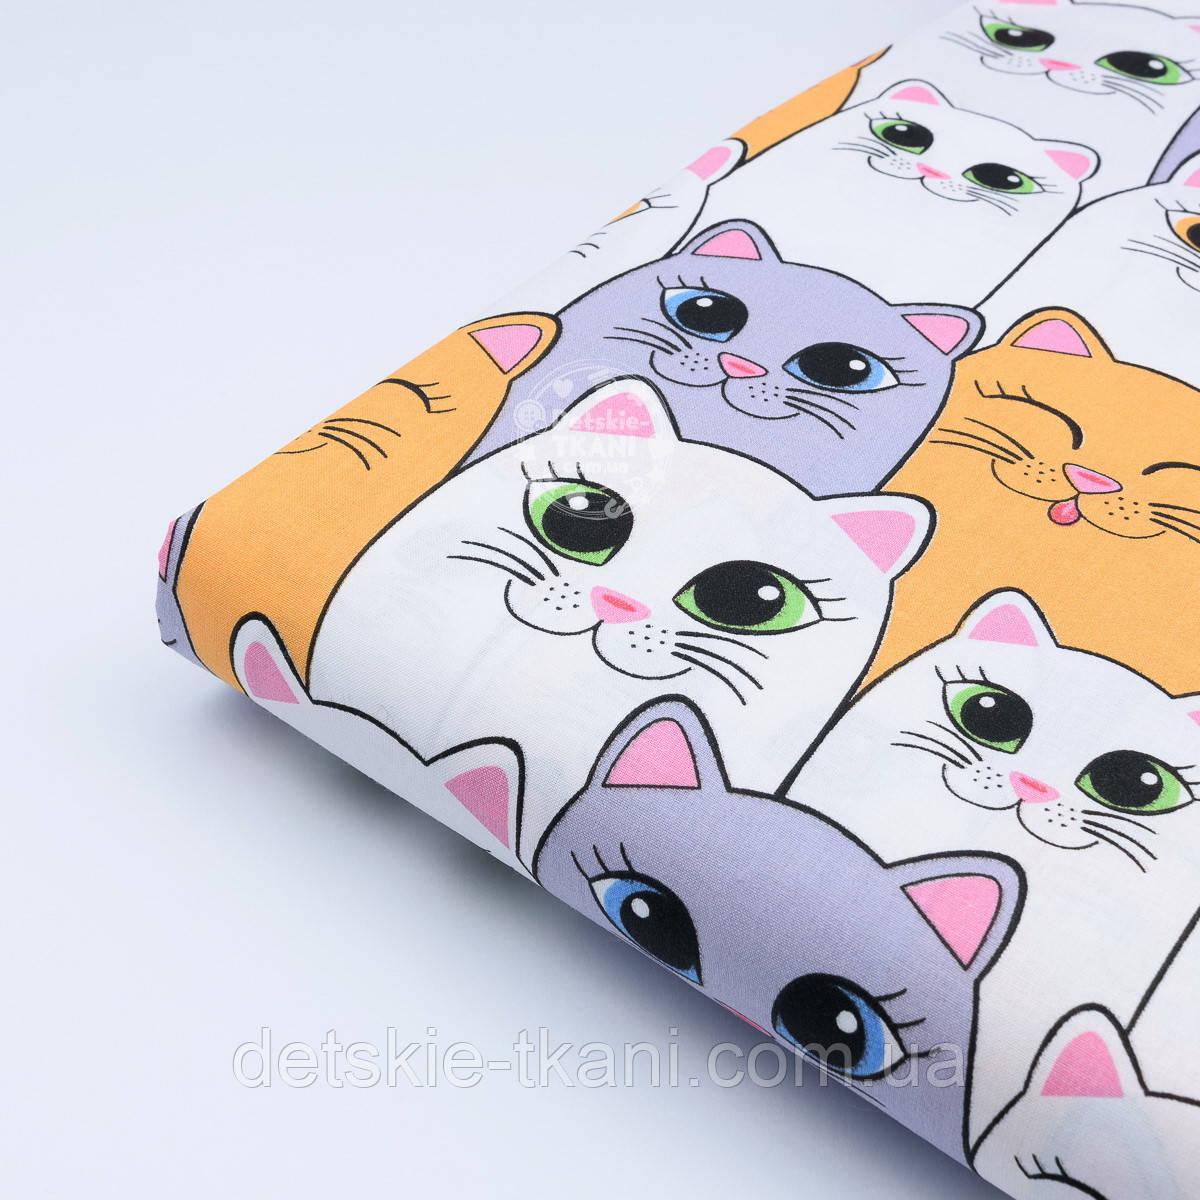 Отрез ткани №1012 с большими котами серо-оранжевыми размер 75*160